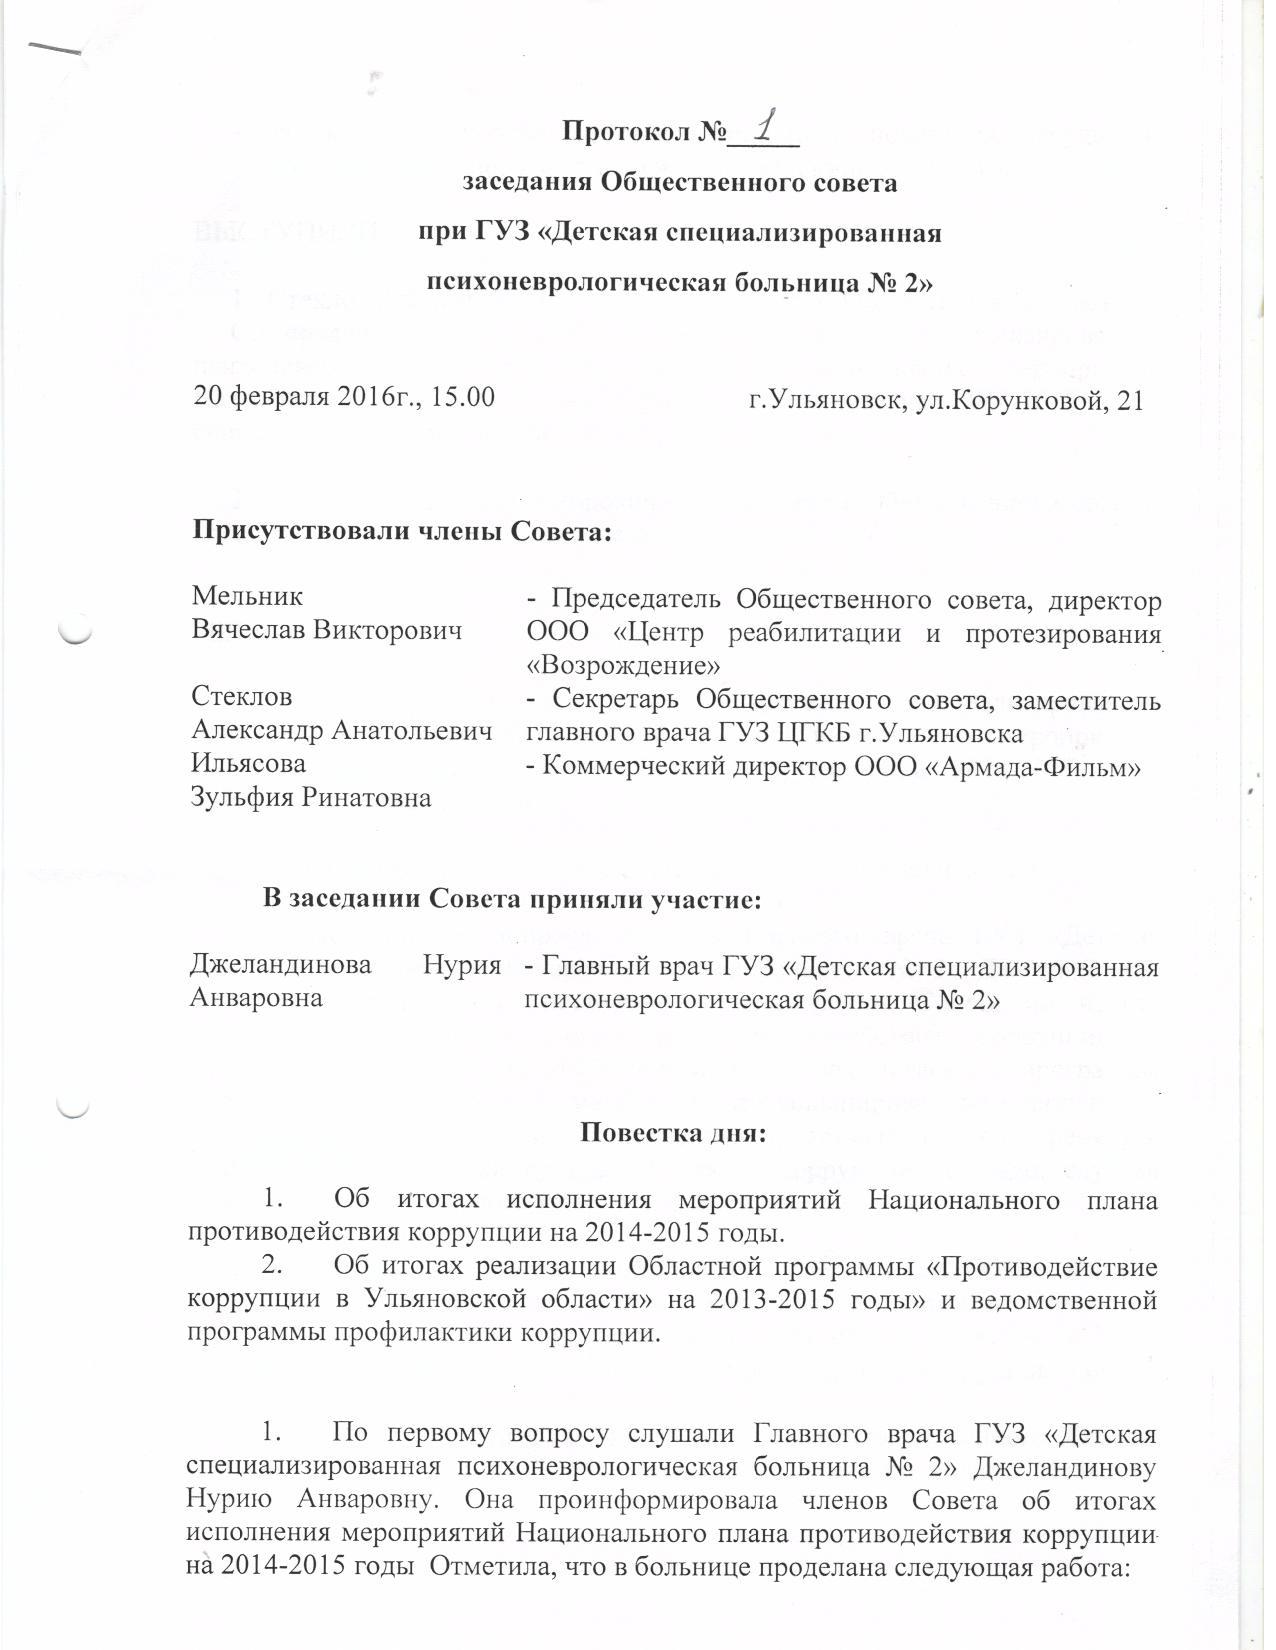 Протокол № 1 2016